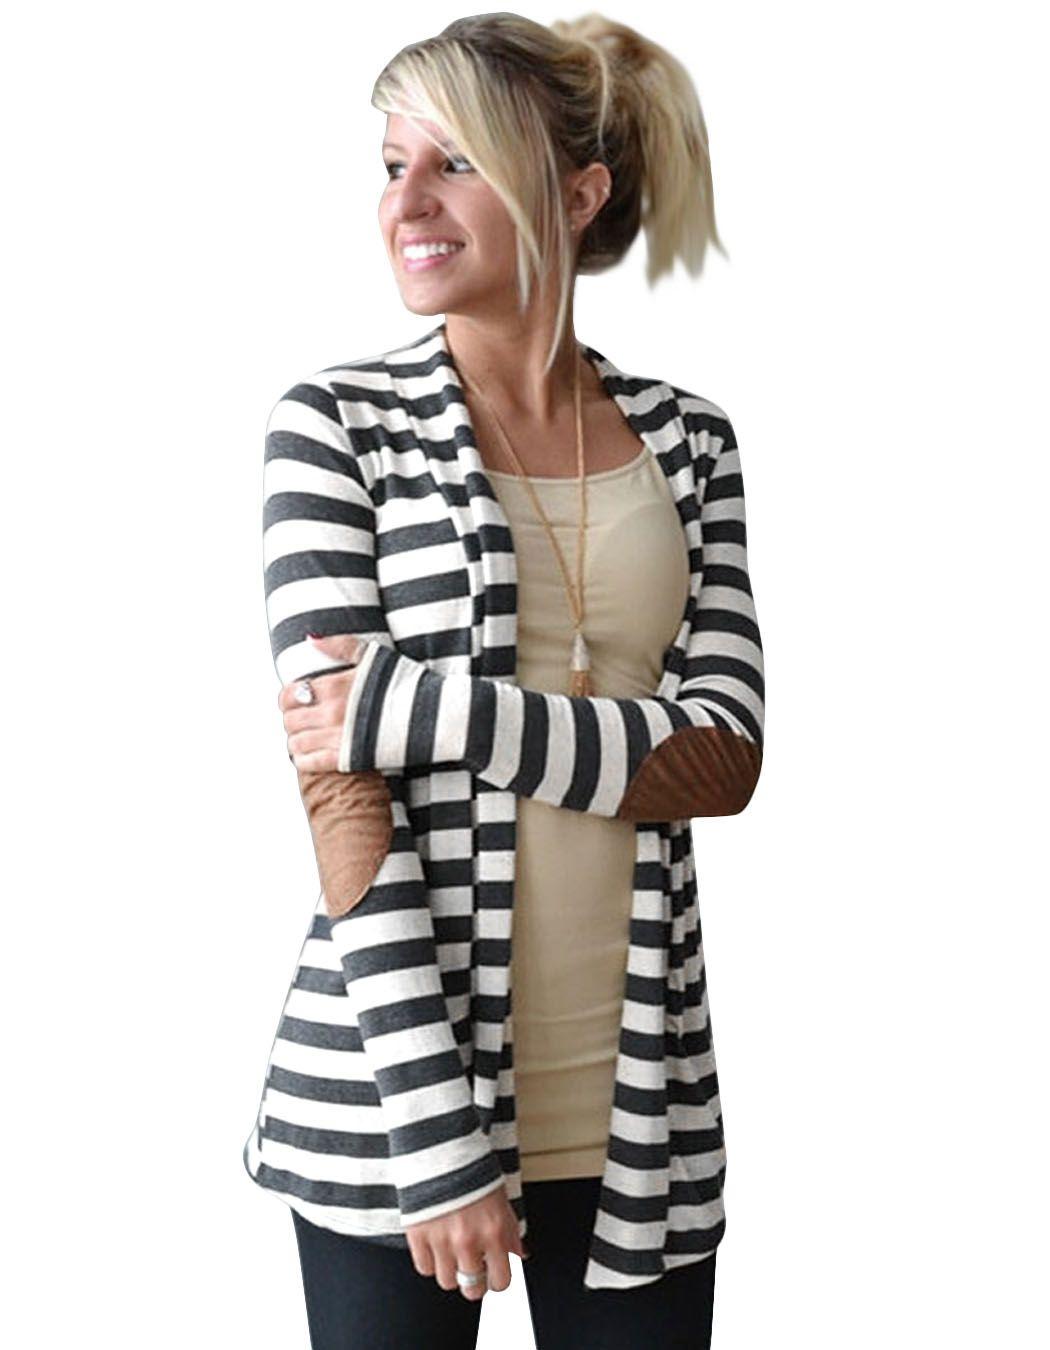 2017 Del Otoño Del Resorte Chaquetas de Punto A Rayas Patrón de Impresión Ocasional Larga de Las Mujeres Suéteres Sueltos de Punto Caliente de Manga Larga Outwears Calientes #30